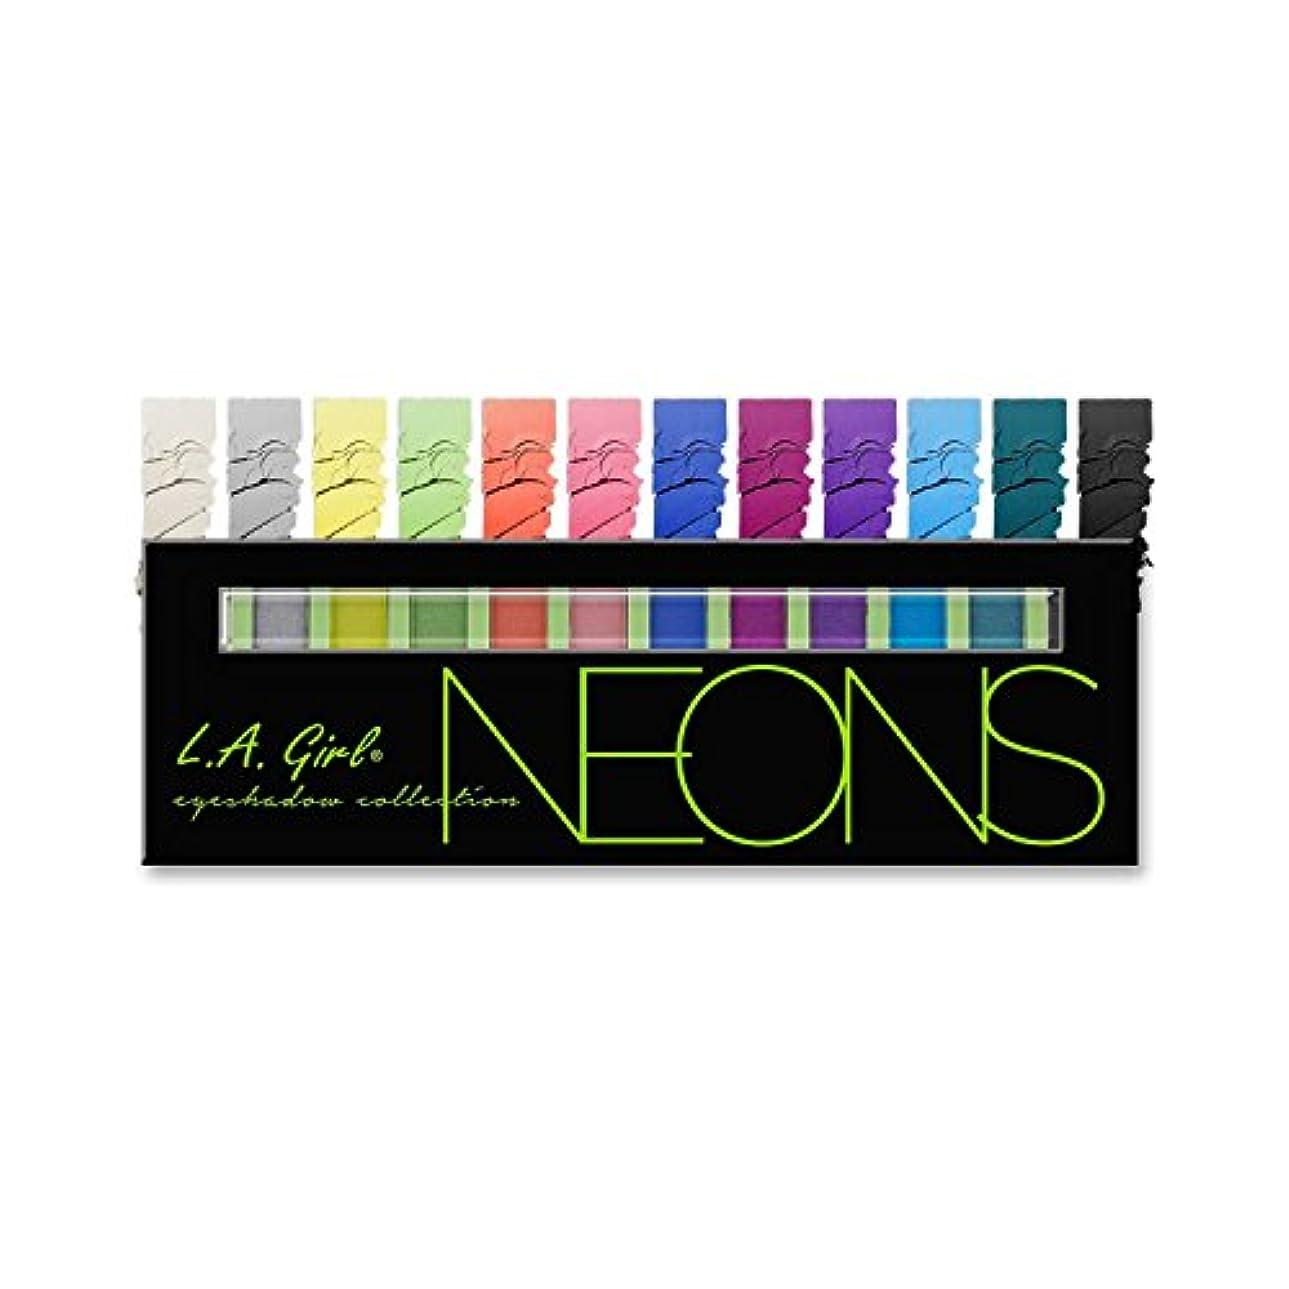 LA GIRL Beauty Brick Eyeshadow Collection - Neons (並行輸入品)